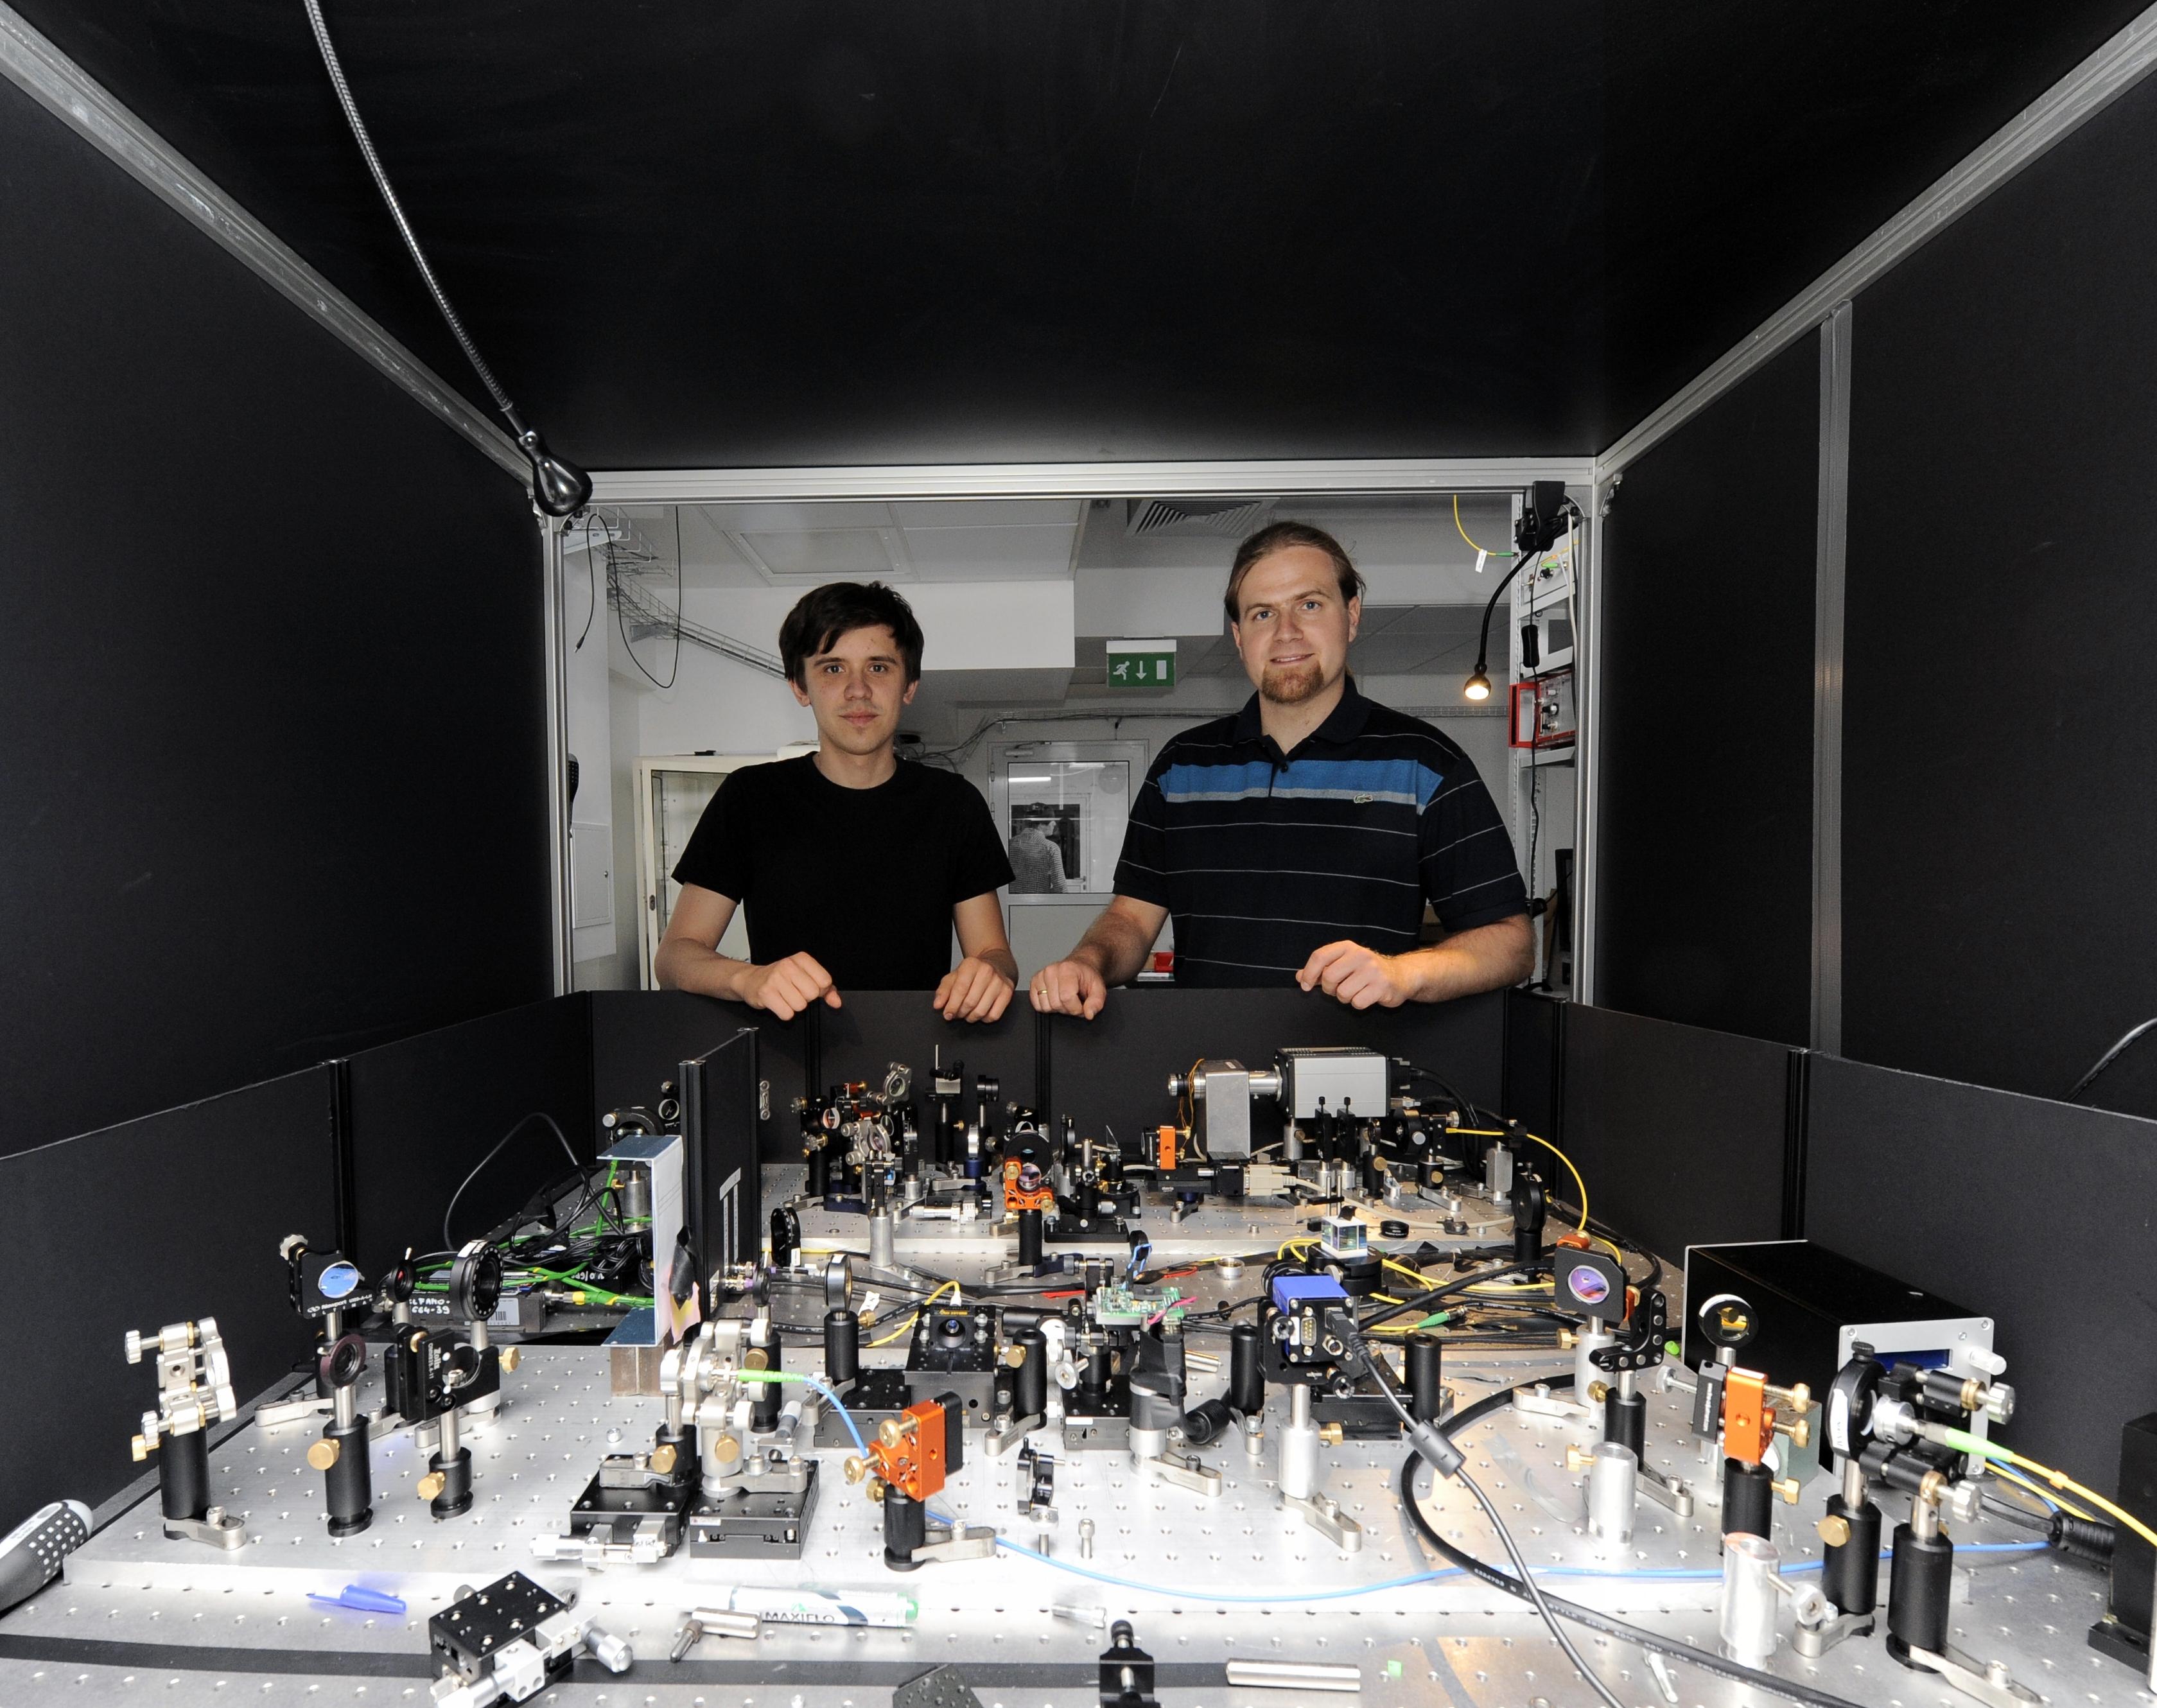 Dr. Radoslaw Chrapkiewicz (right) and doctoral student Michal Jachura at the apparatus for registration of holograms of single photons at the Faculty of Physics, University of Warsaw. (Source: FUW, Grzegorz Krzy¿ewski) Dr Rados³aw Chrapkiewicz (po prawej) i doktorant Micha³ Jachura przy aparaturze do rejestrowania hologramów pojedynczych fotonów na Wydziale Fizyki Uniwersytetu Warszawskiego. (ród³o: FUW, Grzegorz Krzy¿ewski)